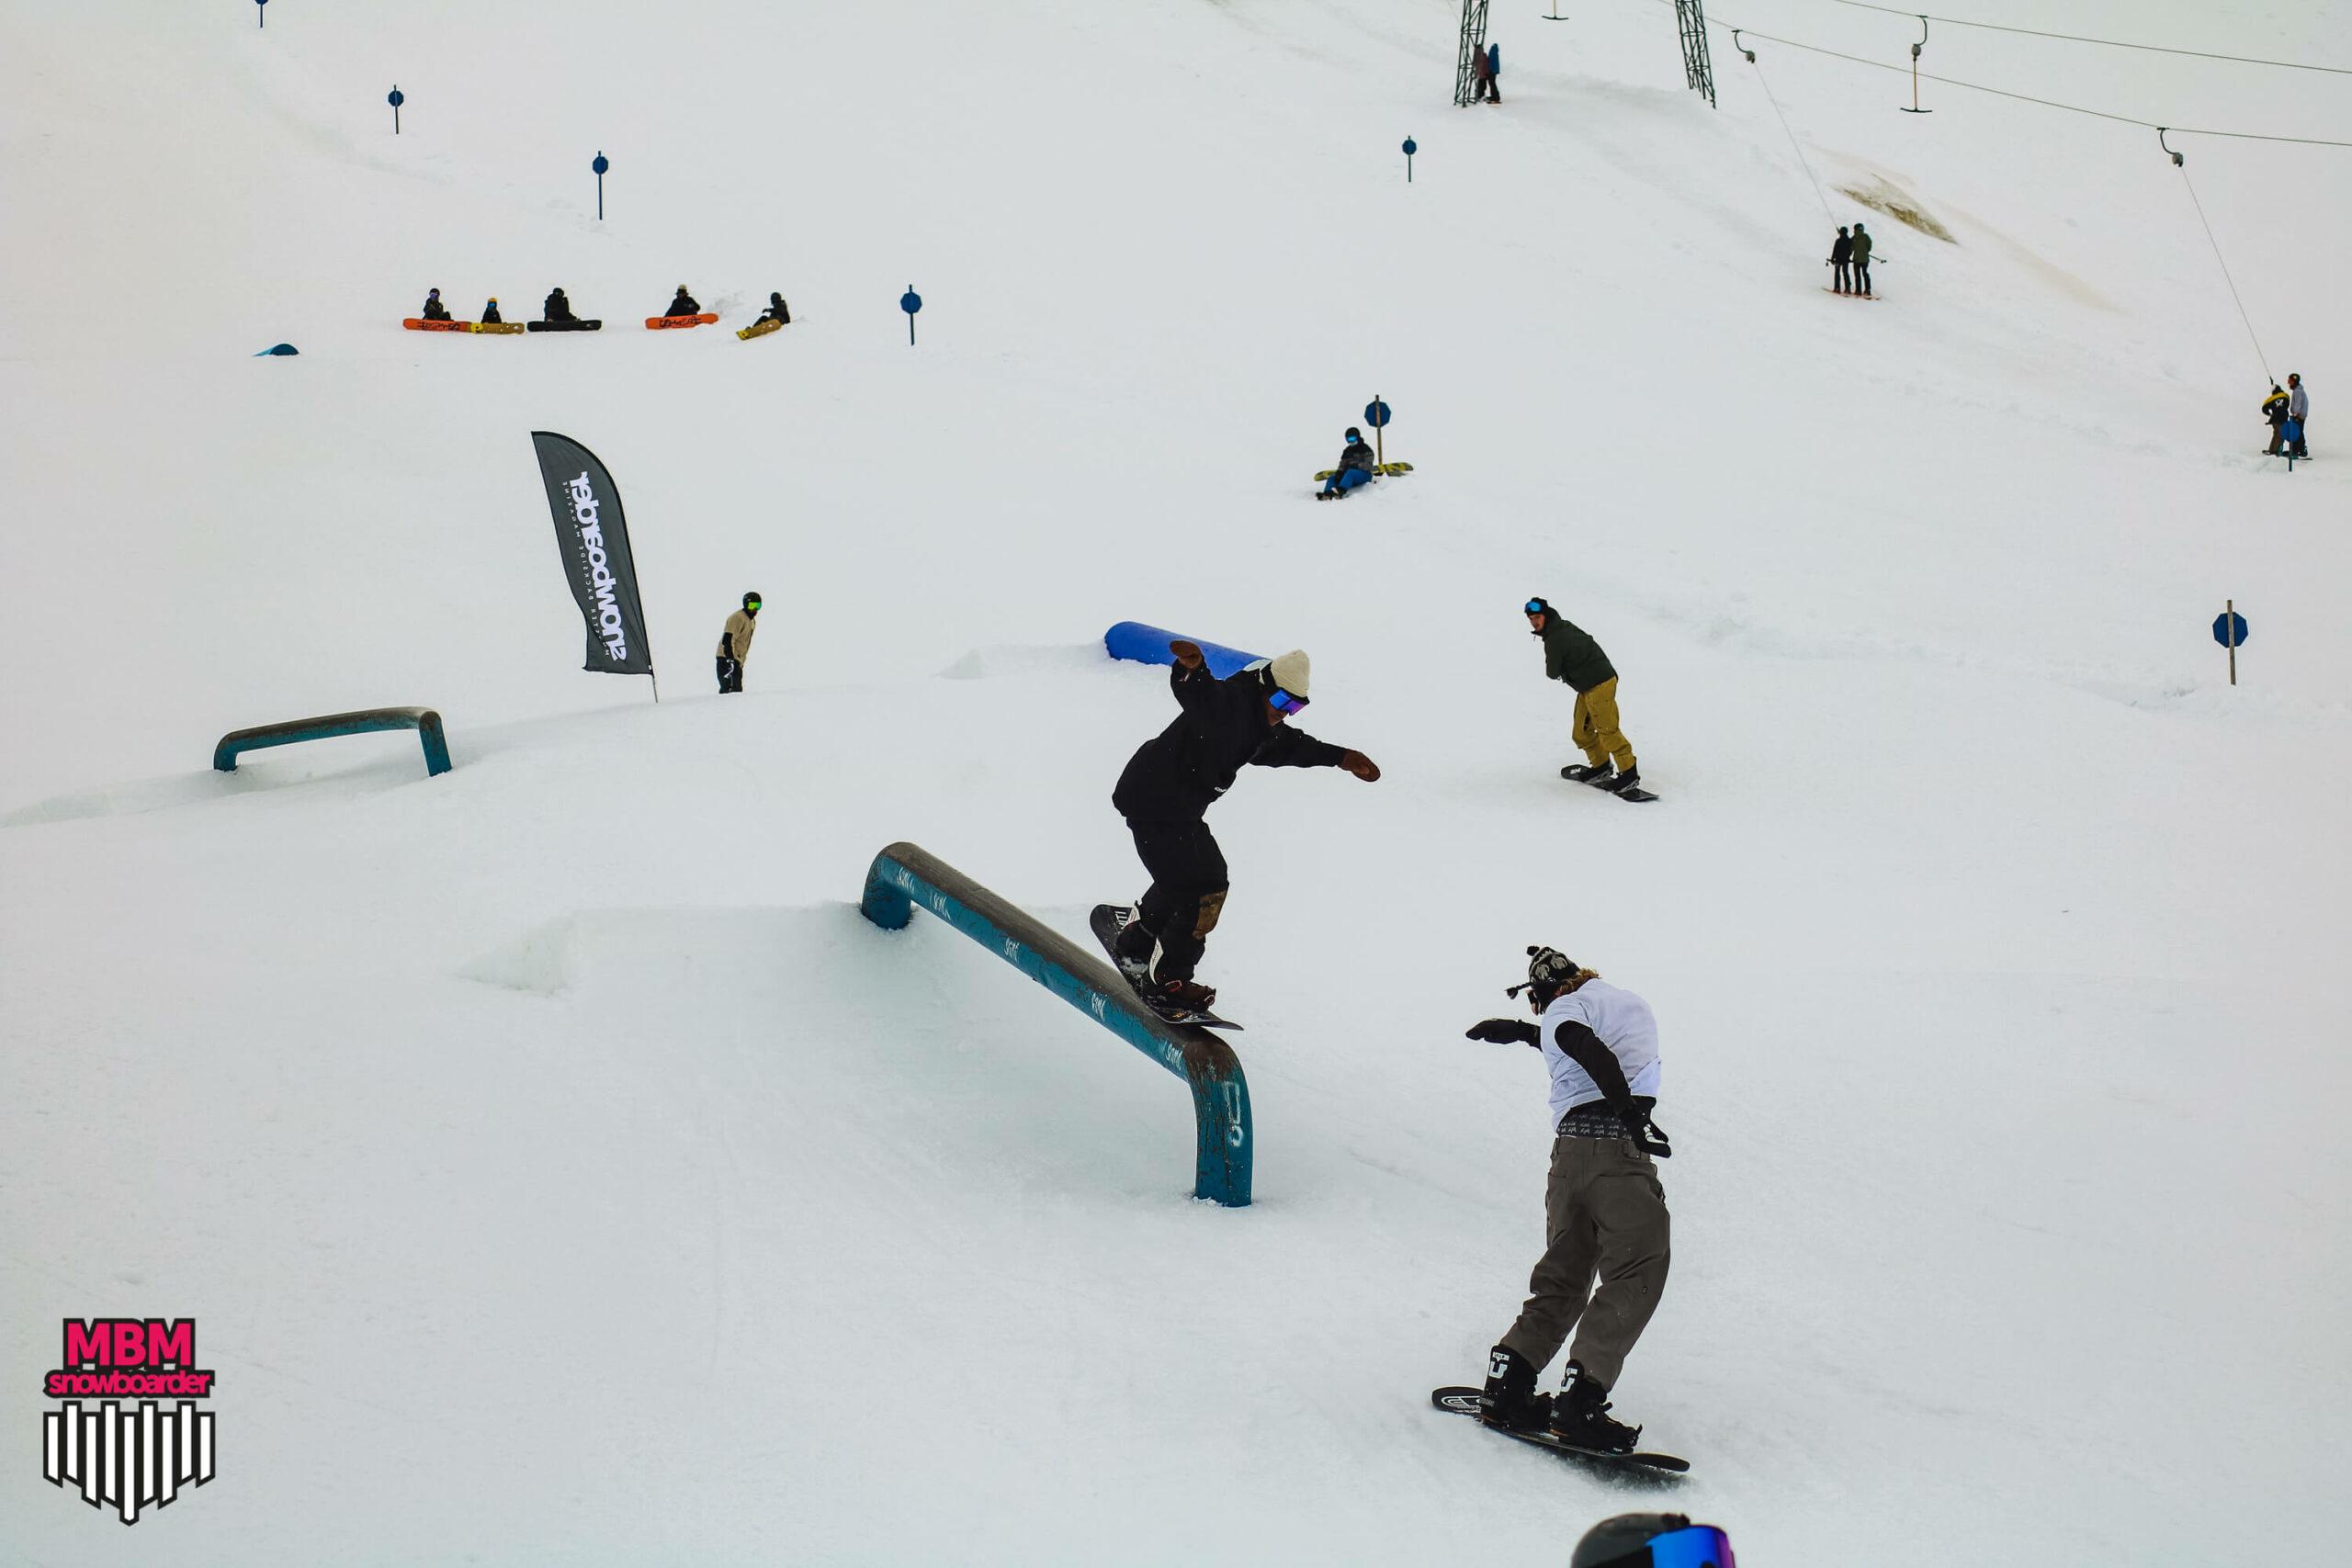 snowboarderMBM_sd_kaunertal_044